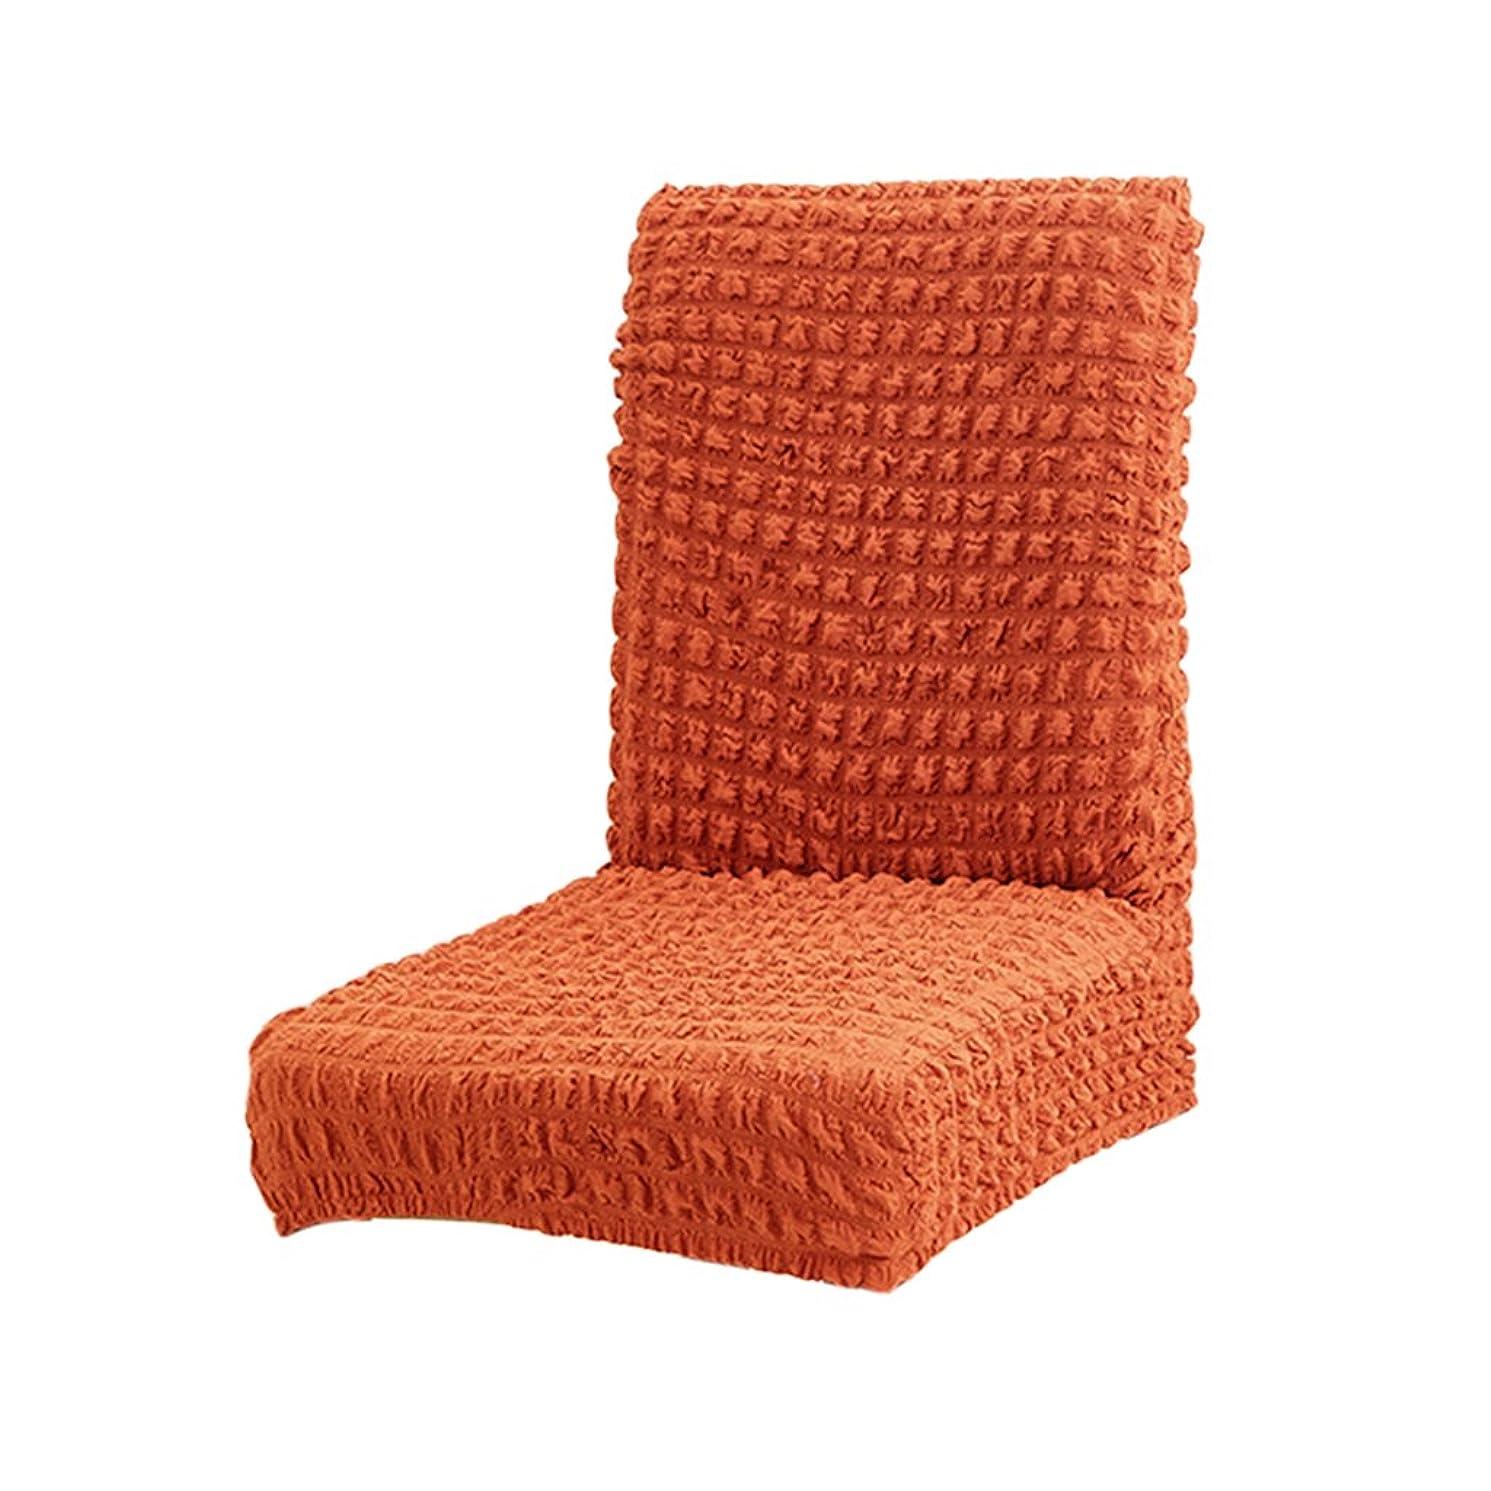 ラボ驚くばかりところでポリエステル製 チェアカバー 椅子カバー 伸縮性 滑り止め オフィスやホテル、結婚式の宴会、お祝い、式典対応 全9色 - オレンジ